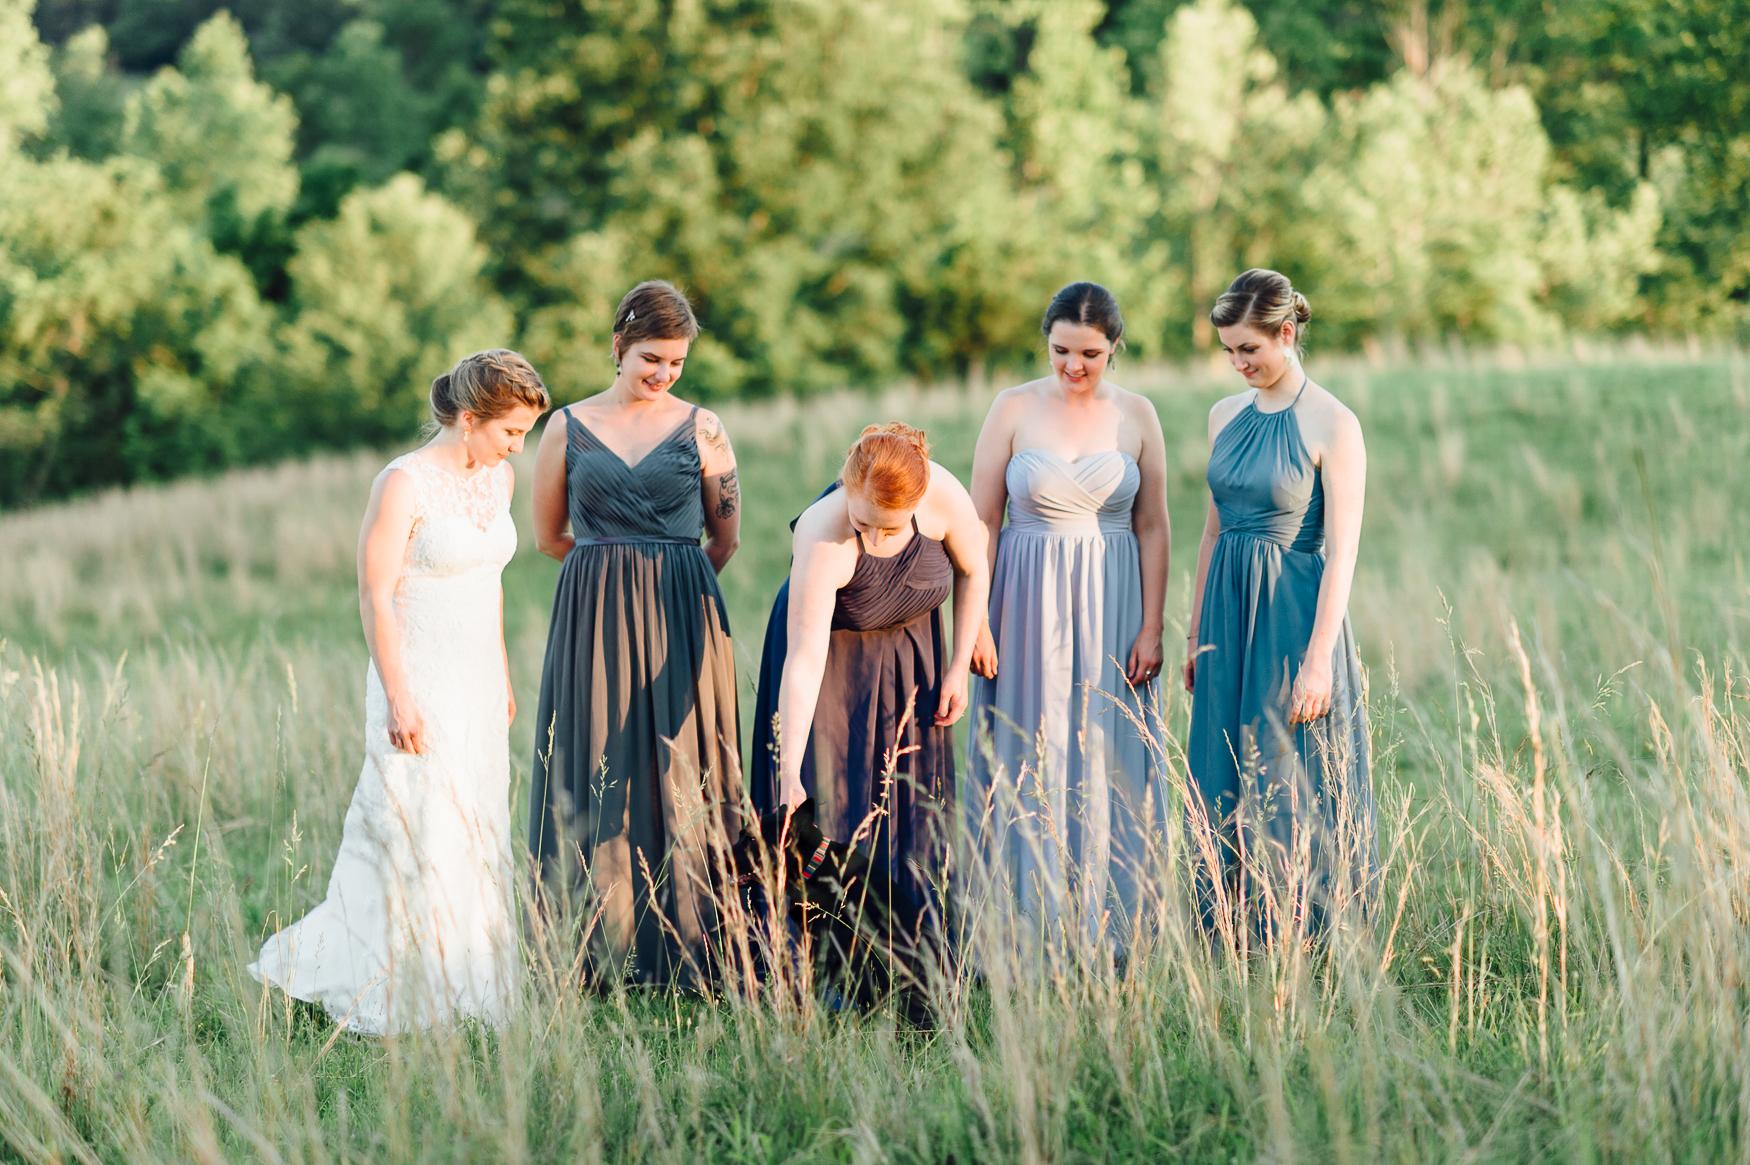 charlottesvillewedding_backyardwedding_virginia_youseephotography_CaitlinDerek (87).jpg